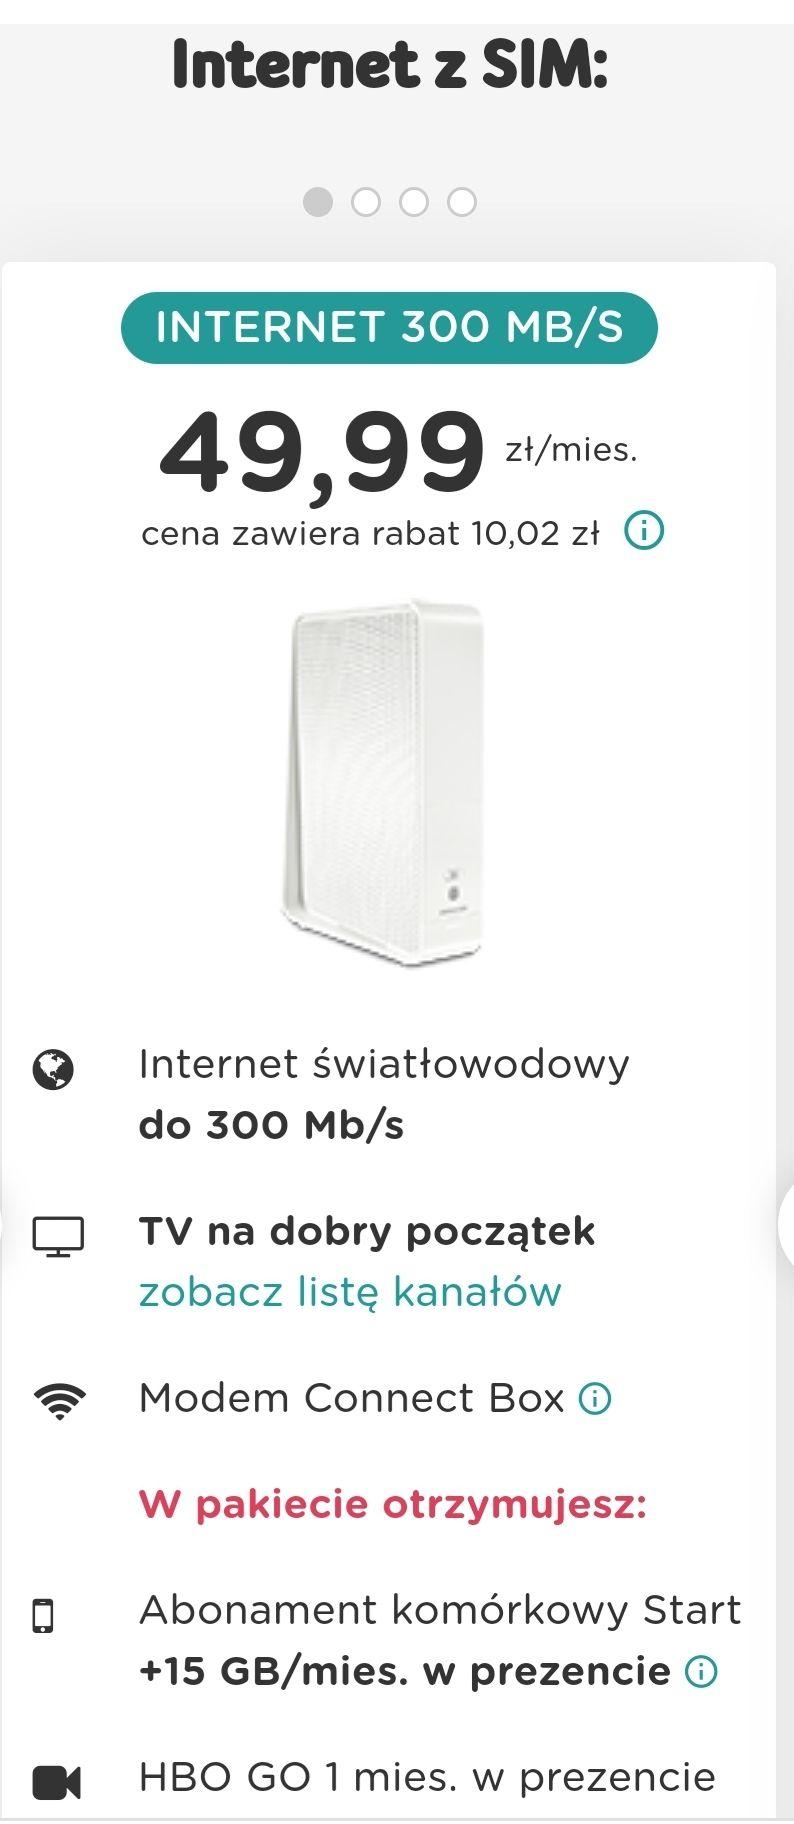 Zestaw uslug UPC internet światłowodowy 300mb/s + karta sim 15GB + pakiet tv